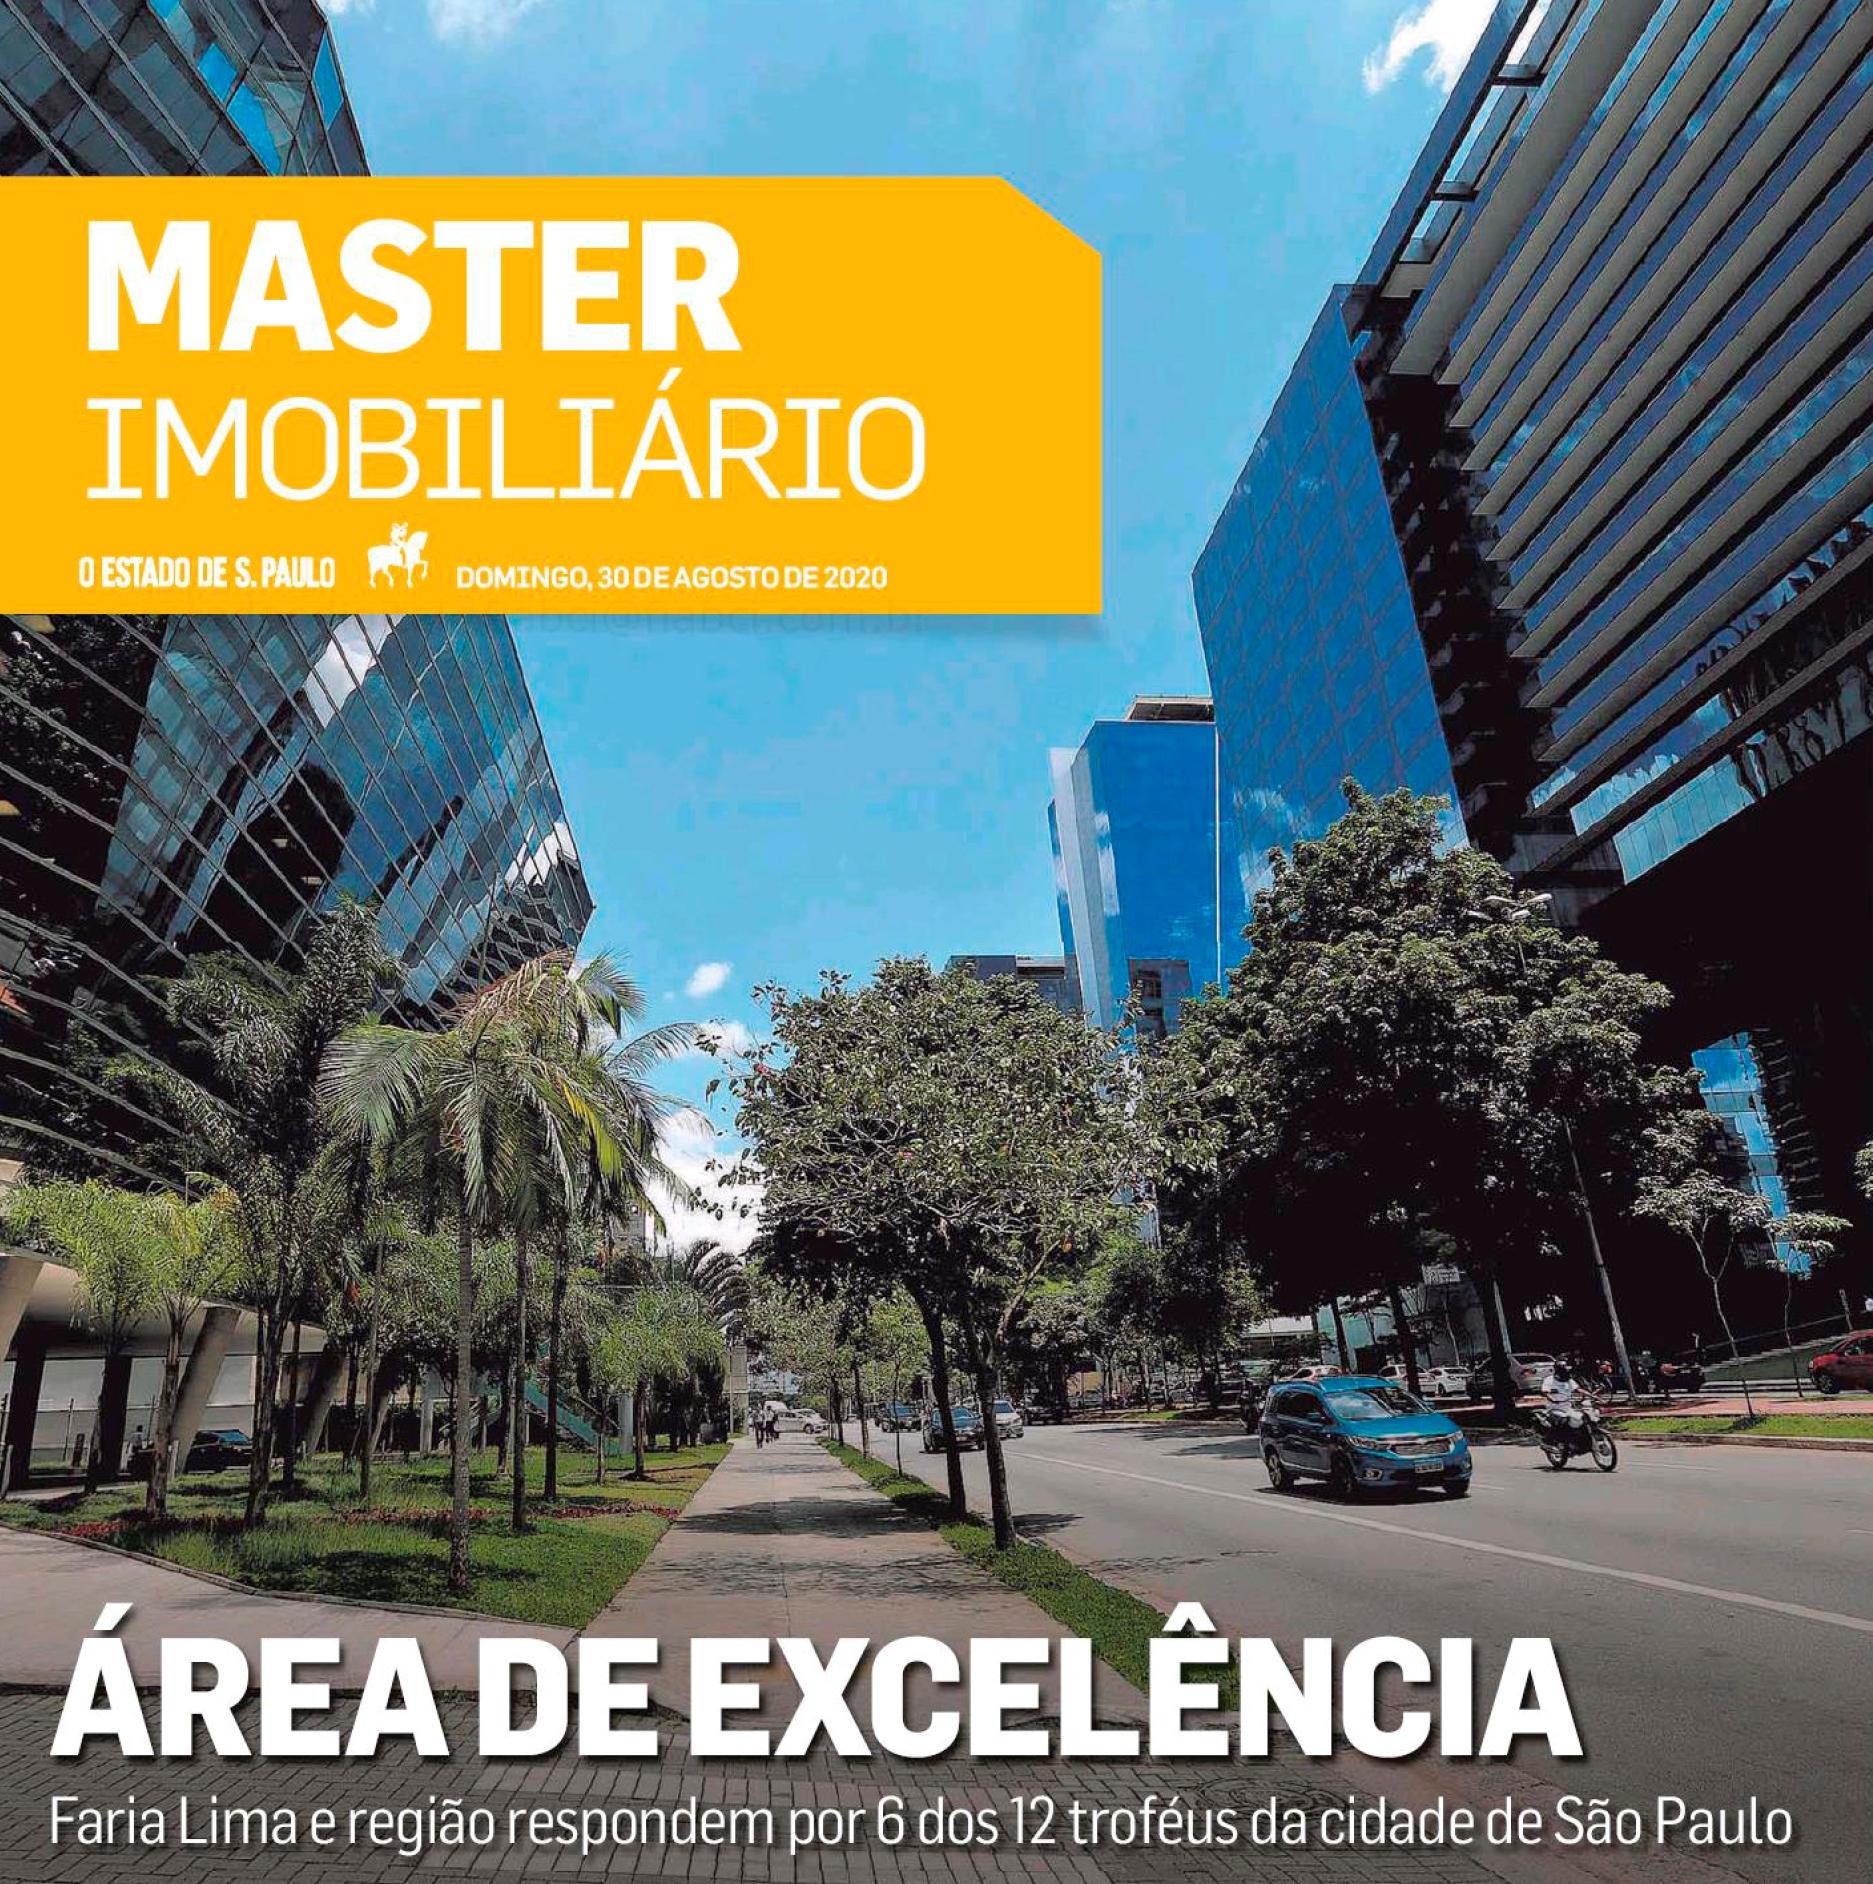 O Caderno Especial Master Imobiliário, publicado pelo jornal O Estado de de S.Paulo no dia 30 de agosto de 2020, apresentou todo o êxito dos vencedores do Oscar do setor.